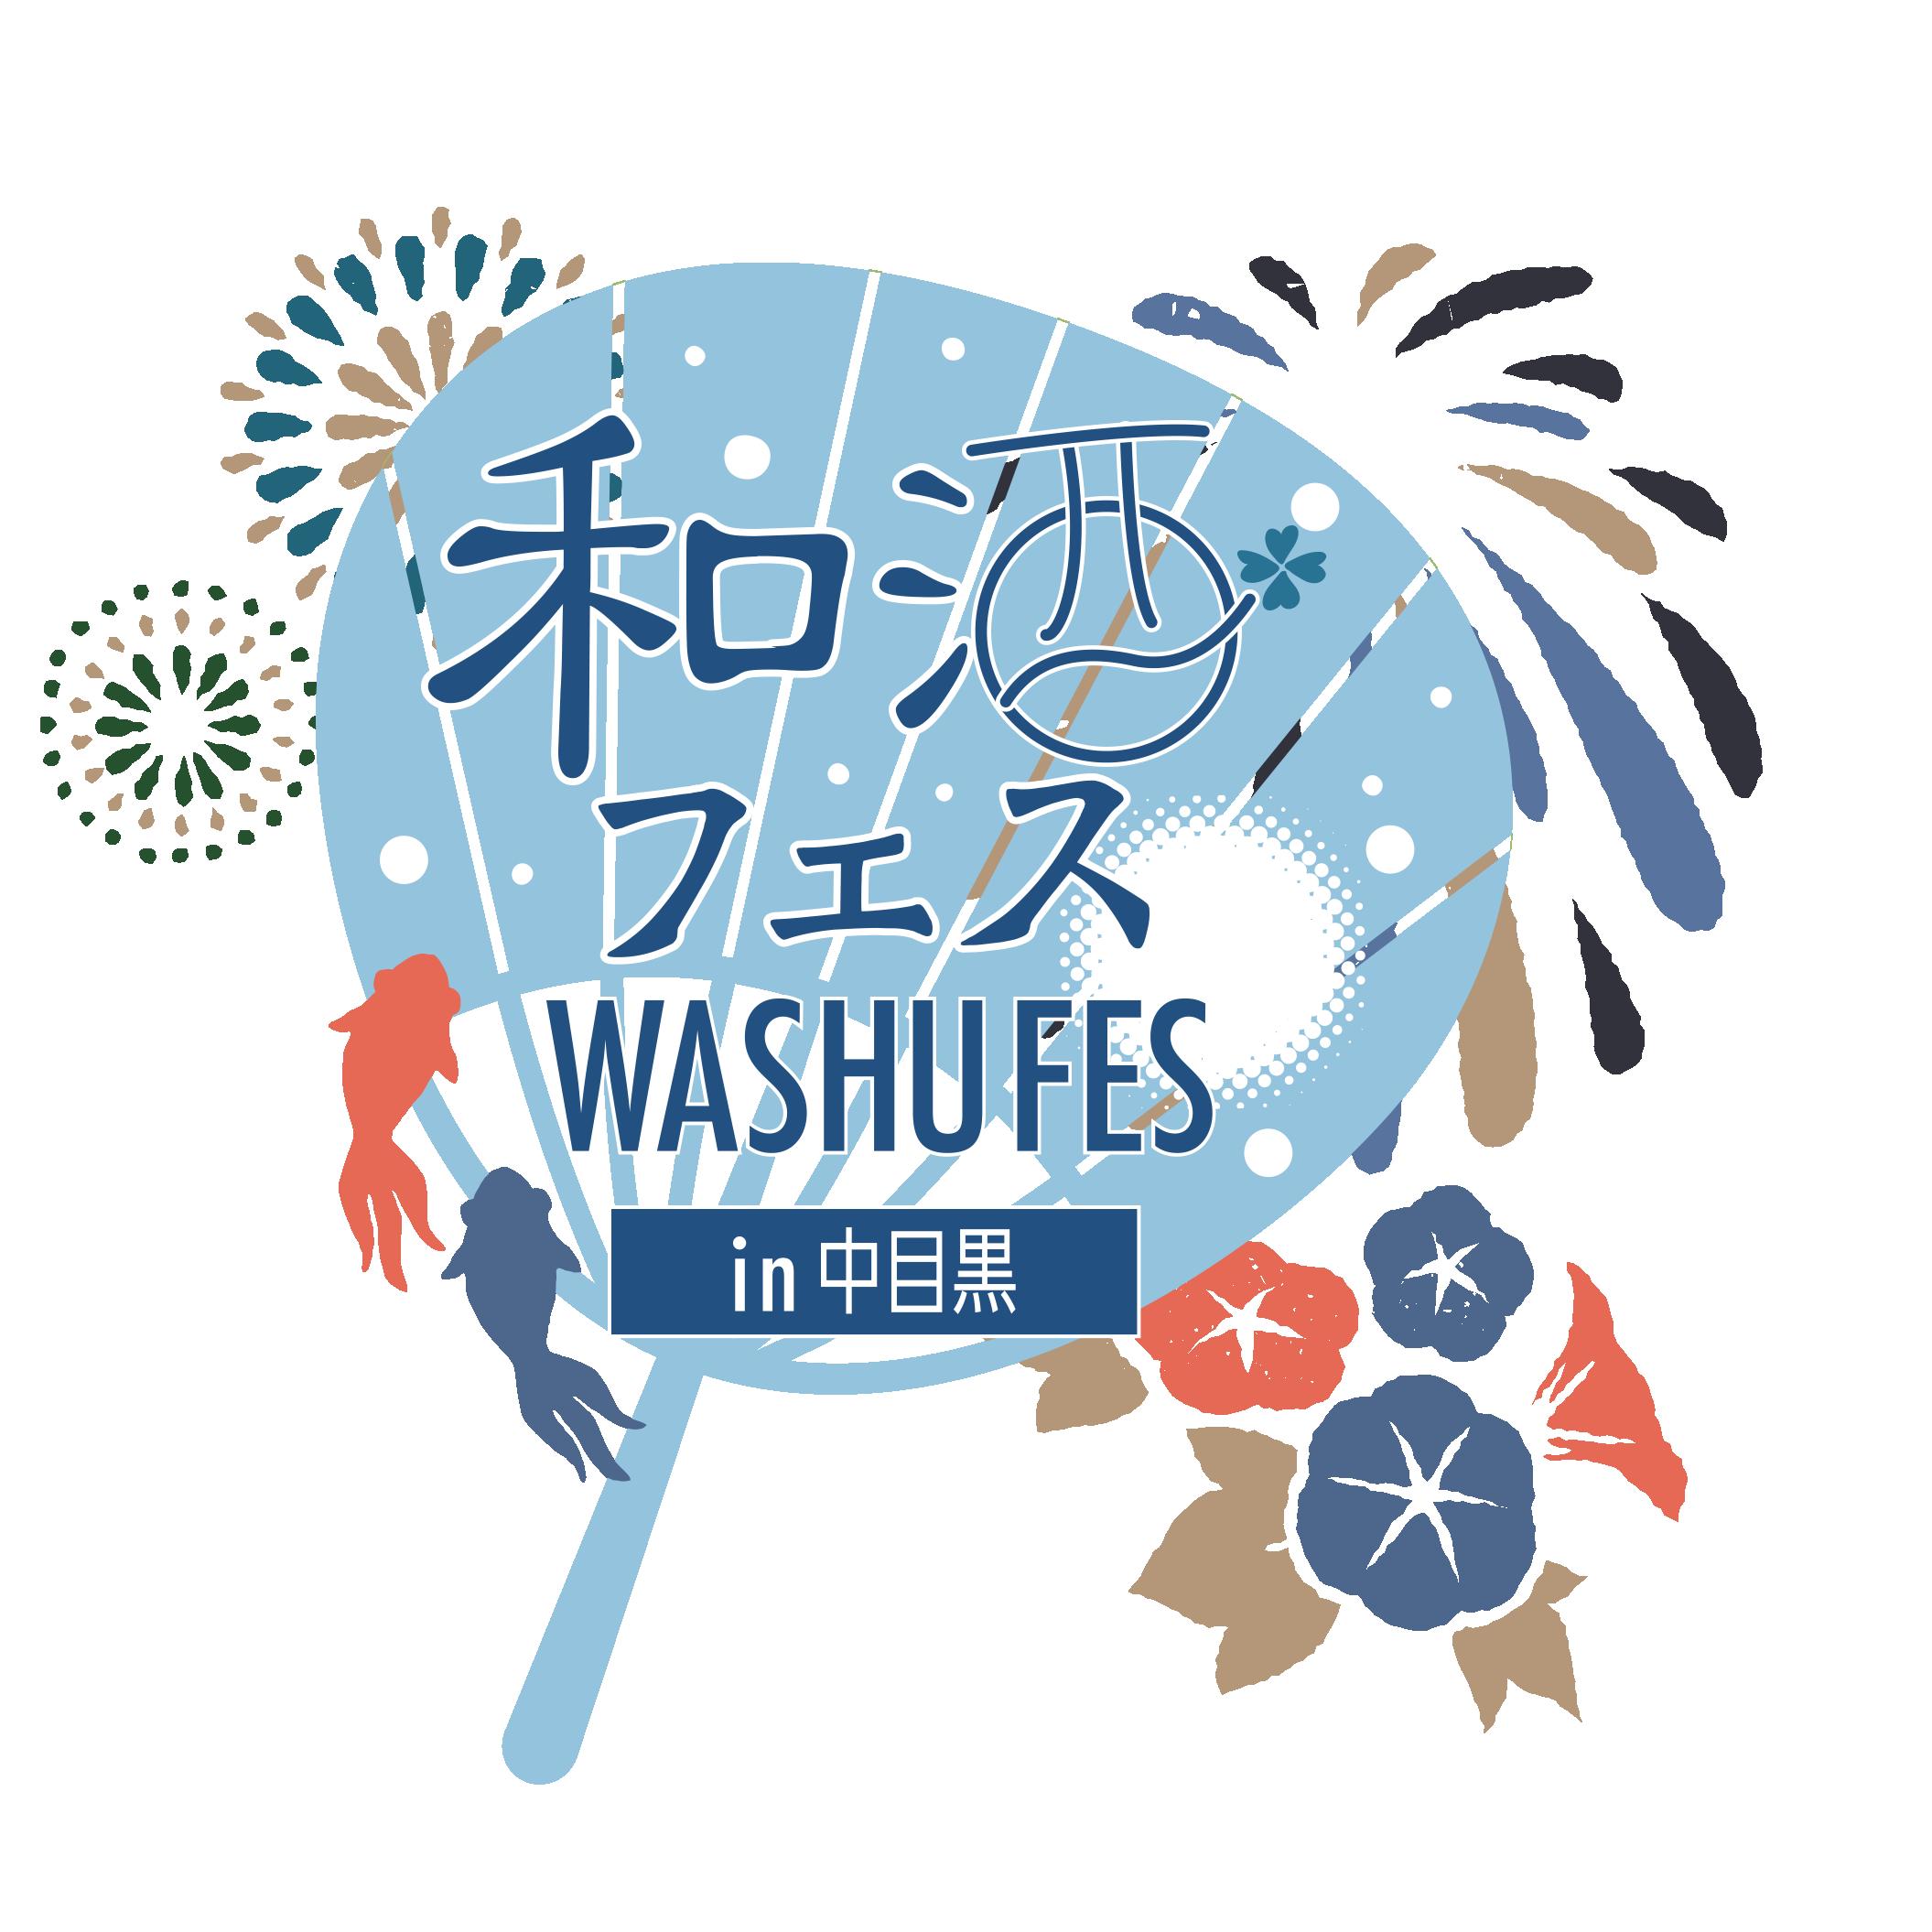 17th_washufes_nakameguro_icon_CS6